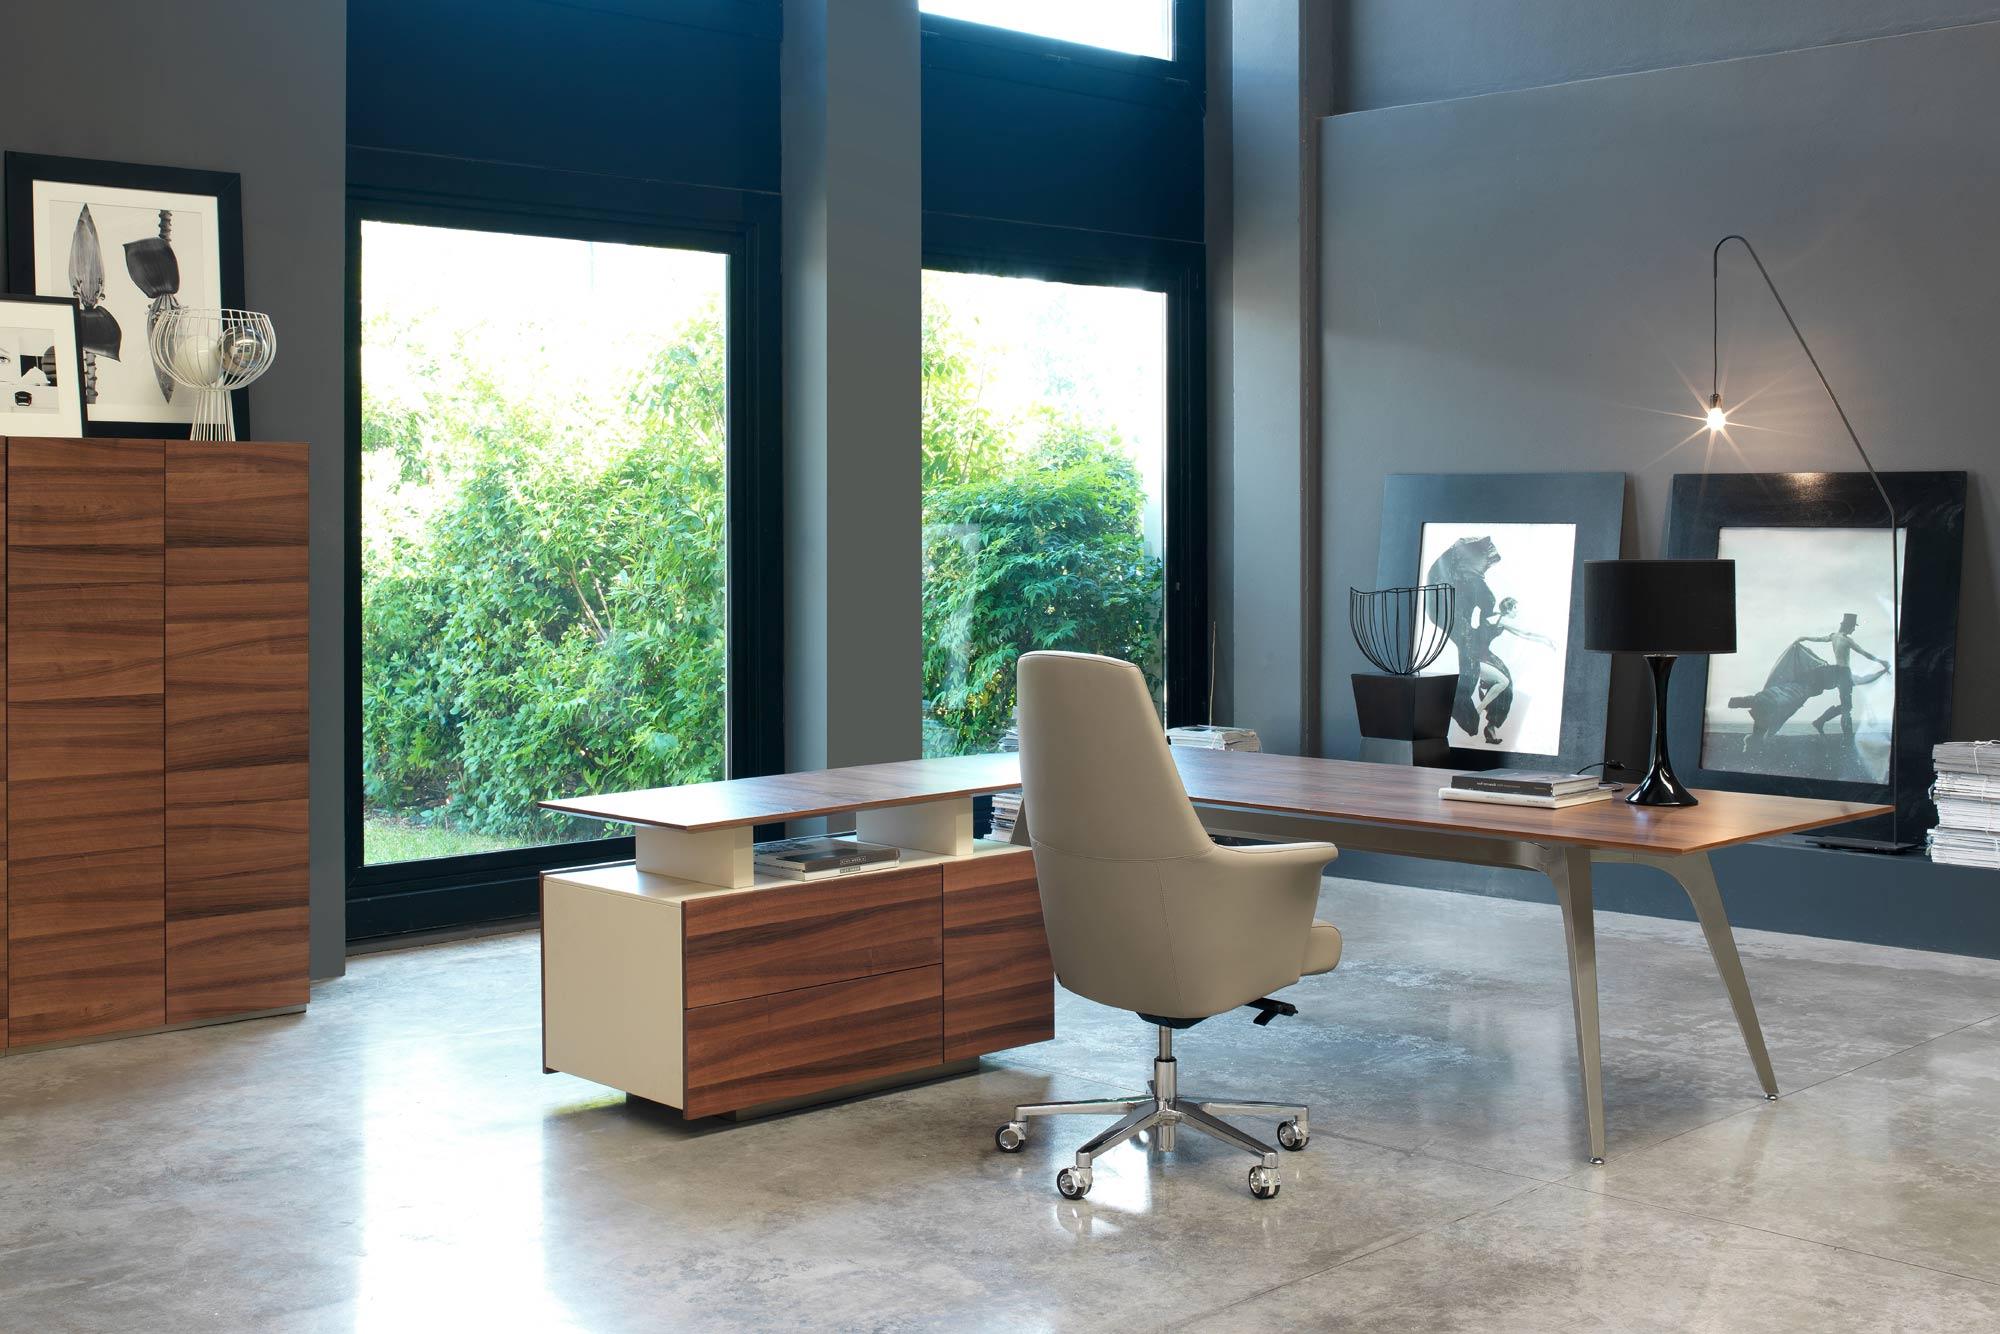 Mobili per ufficio conforama idee di design per la casa for Catalogo design di mobili per ufficio